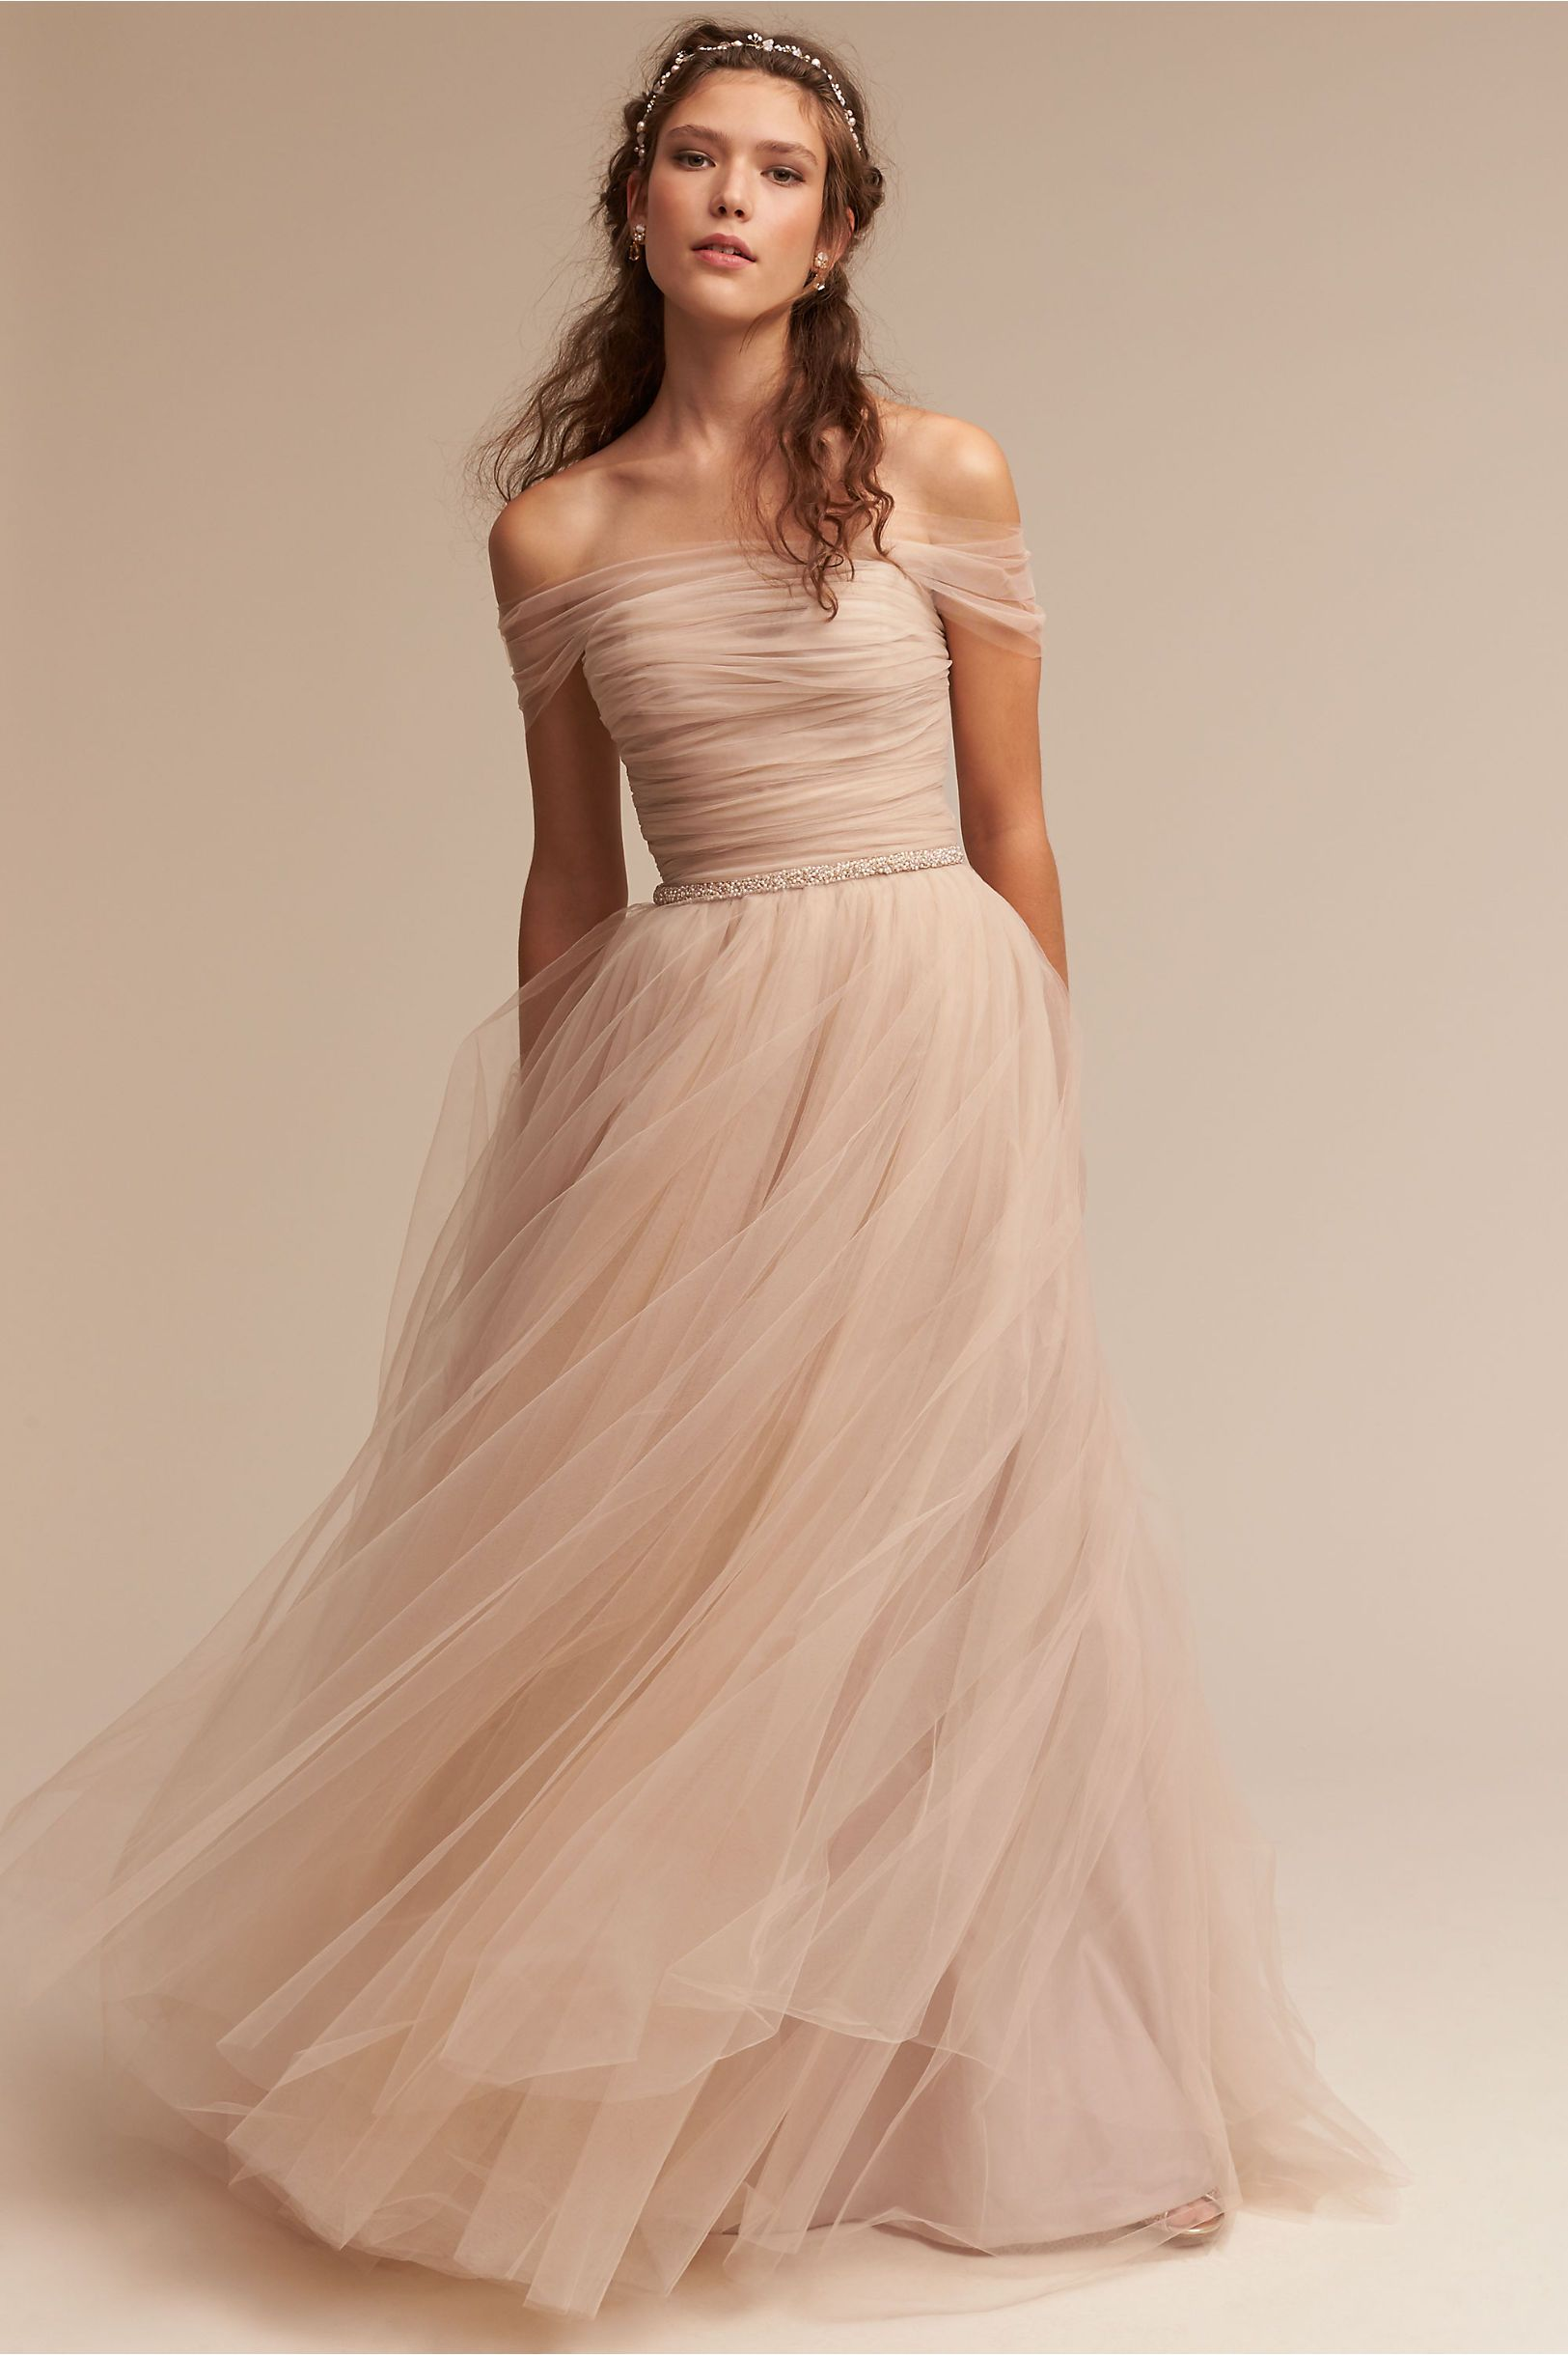 Farbiges Hochzeitskleid Romantisch Brautkleid Rosa Hochzeit